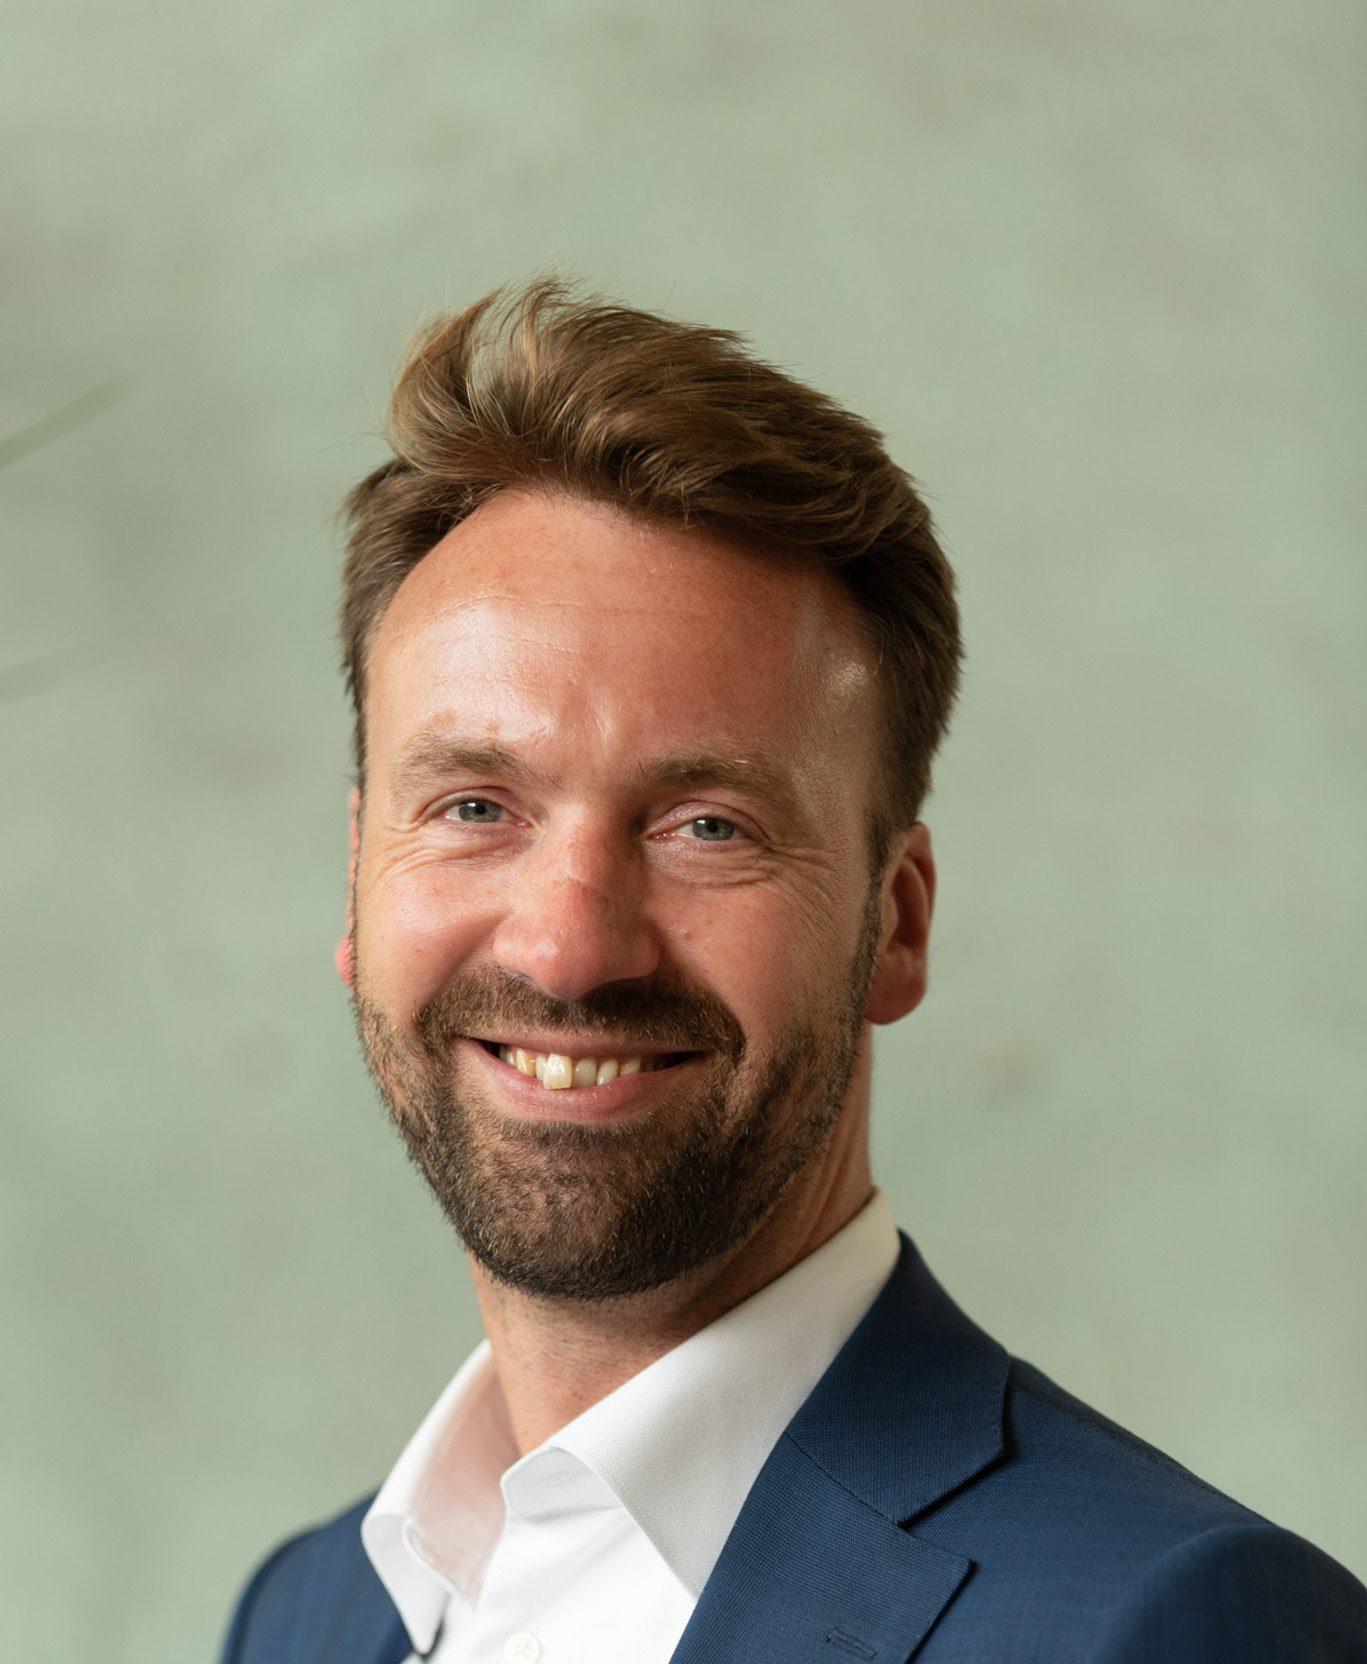 Dirk van der Lee